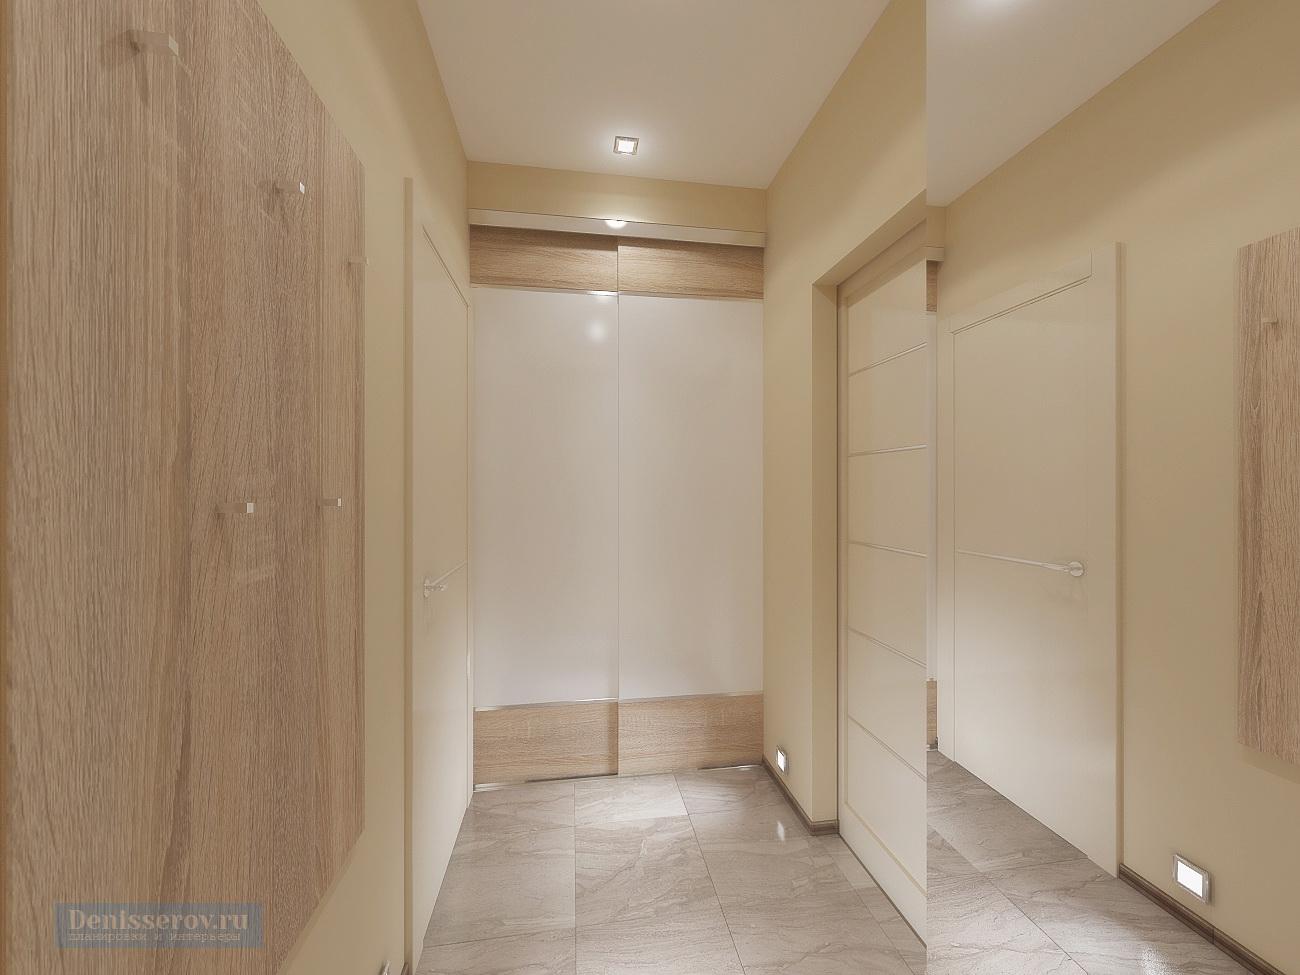 прихожая в однокомнатной квартире 35 кв.м.